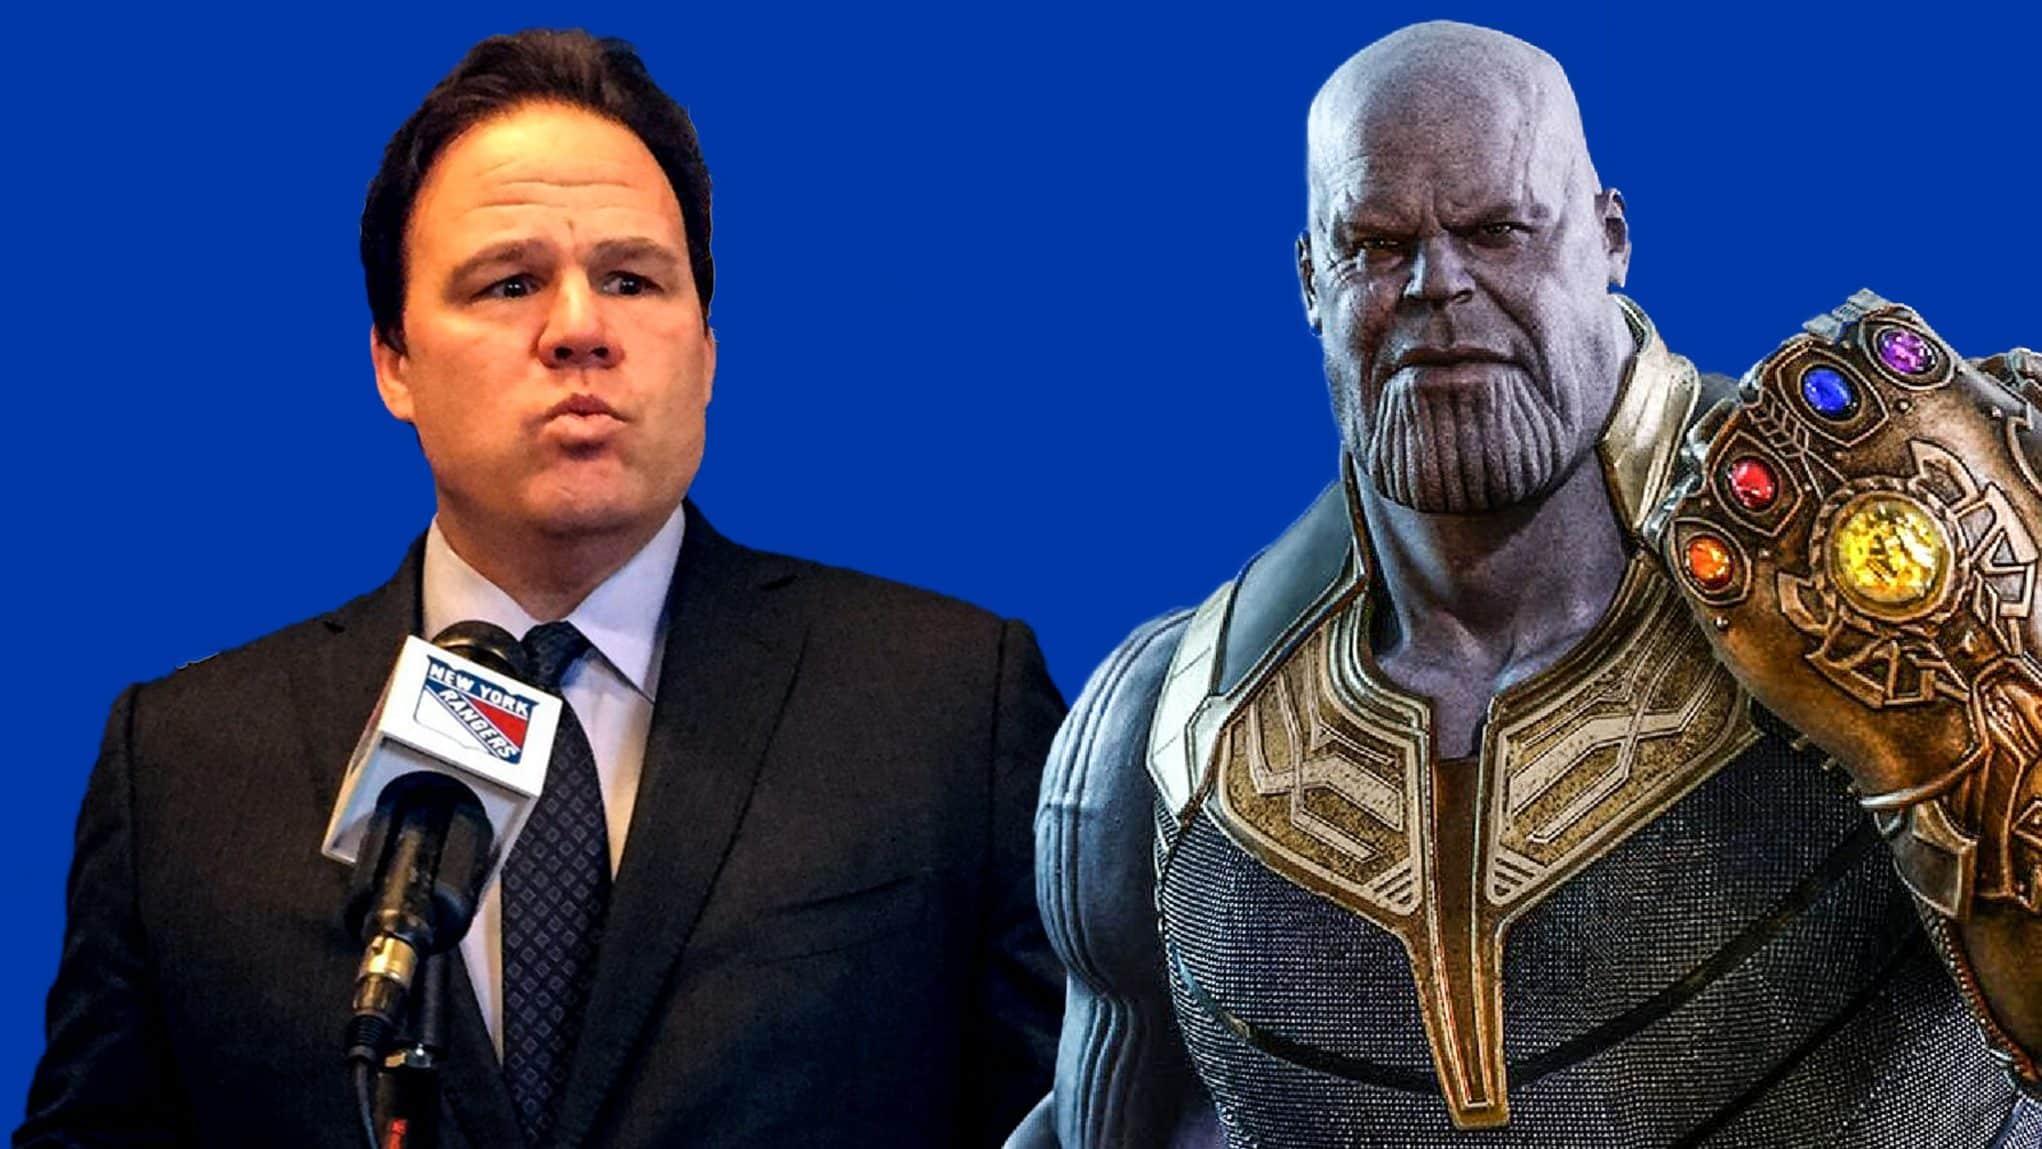 Jeff Gorton Thanos